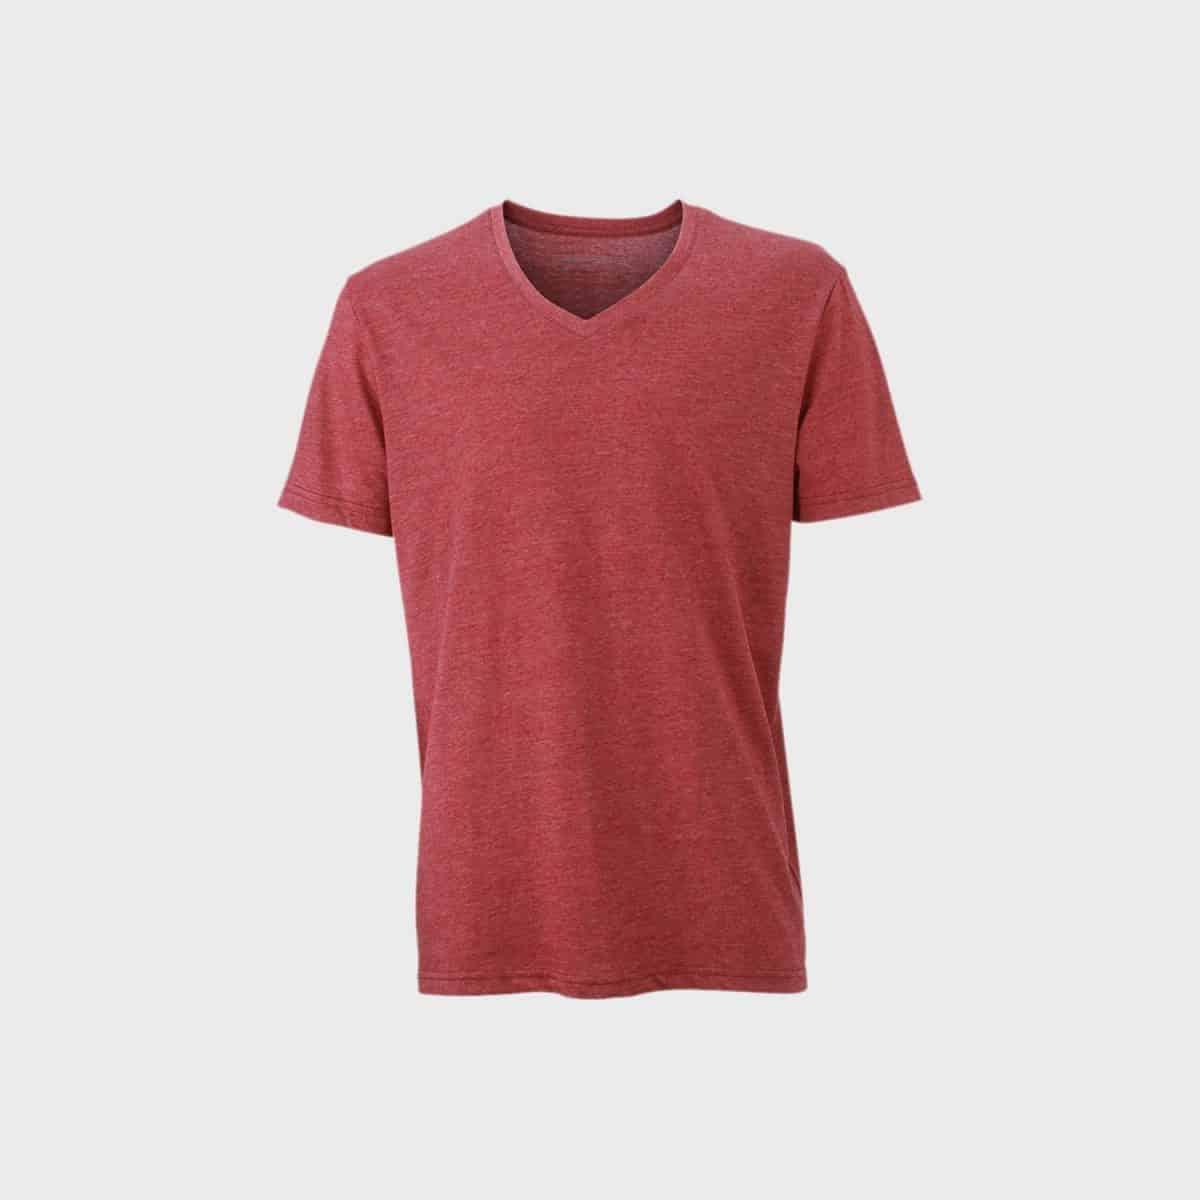 Daiber T Shirts JN974 Winemelange Front